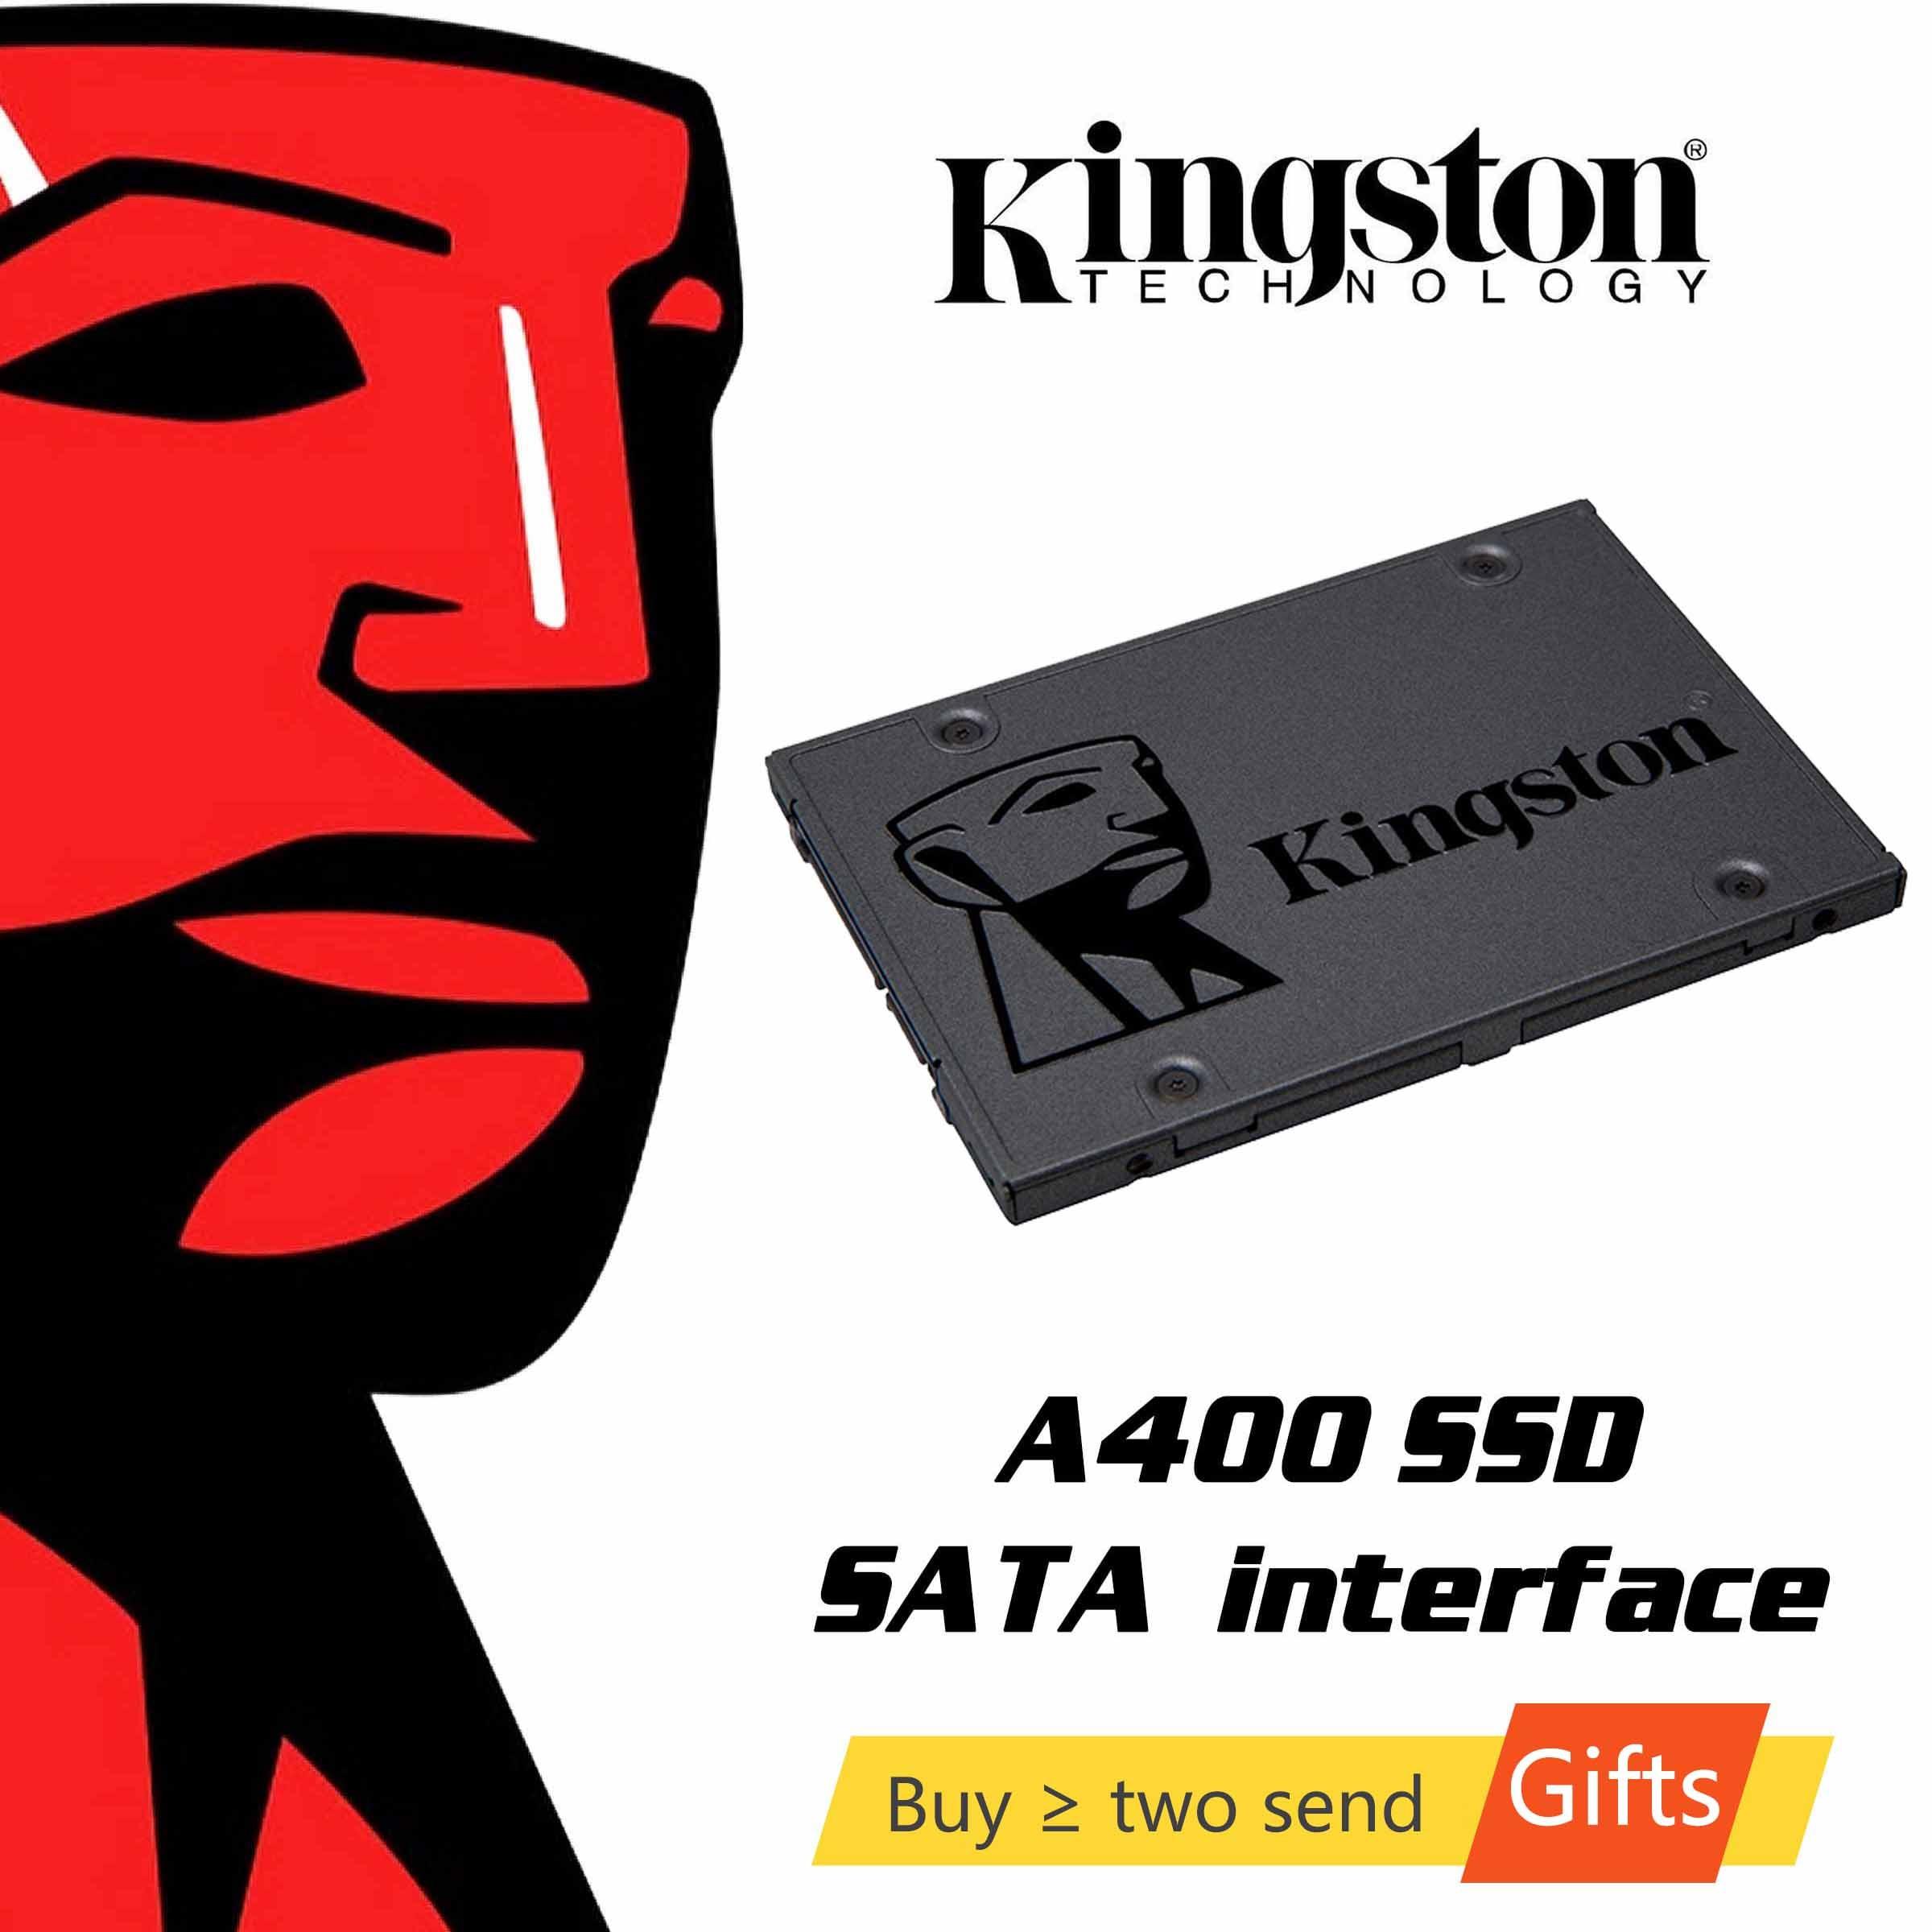 كينغستون A400 SSD محرك الحالة الصلبة الداخلية 120GB 240GB 480GB 2.5 بوصة SATA III محرك أقراص صلبة HDD HD الكمبيوتر المحمول 960GB